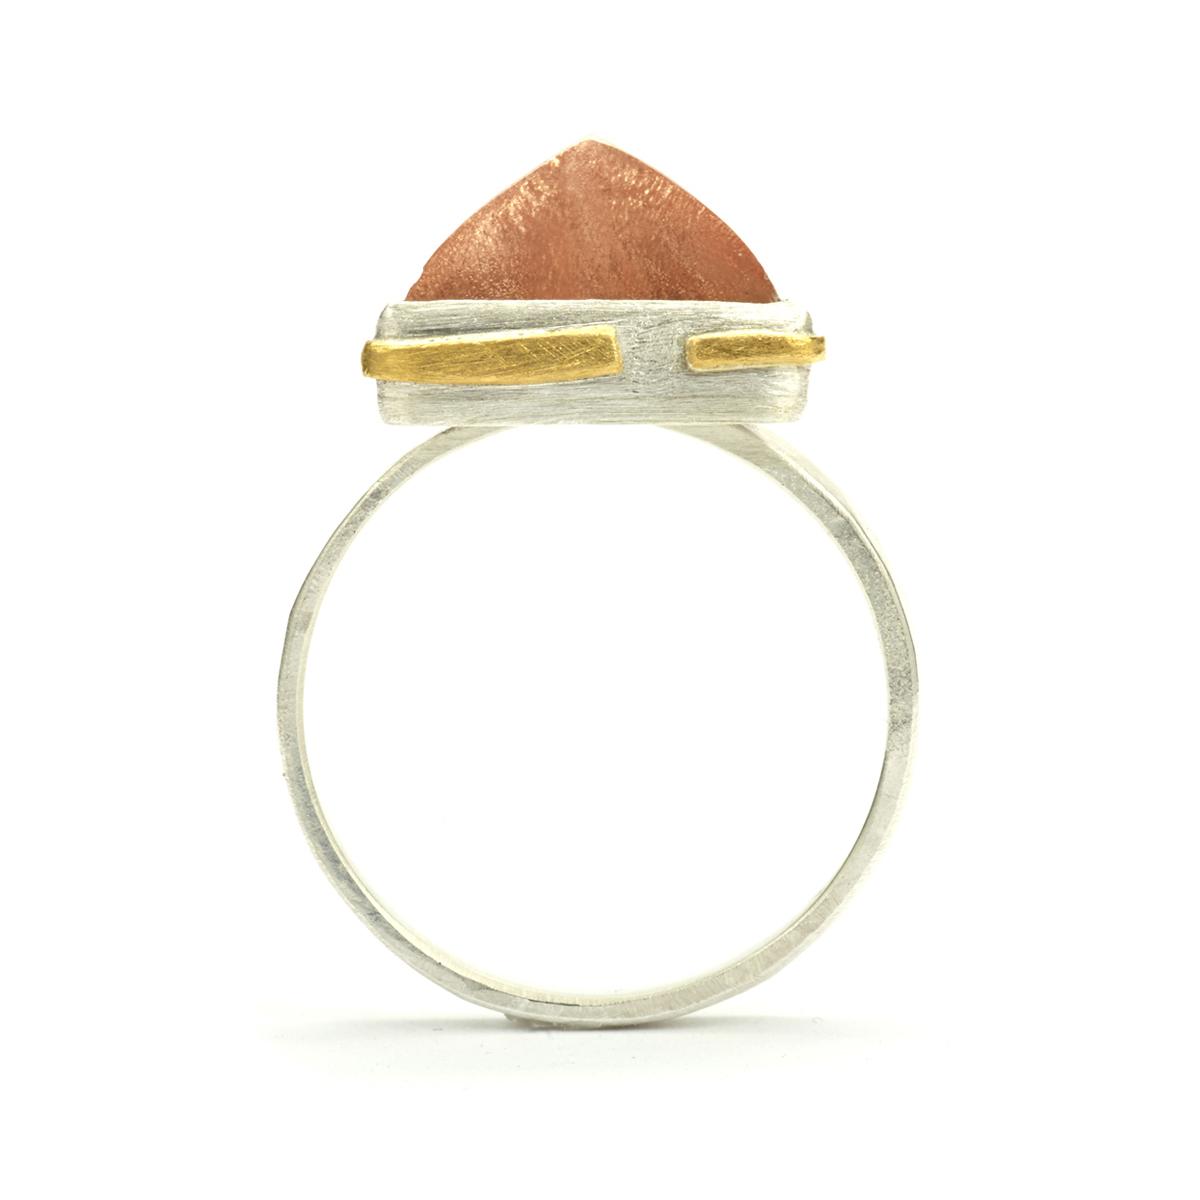 24k Gold Detailed Sunstone Ring